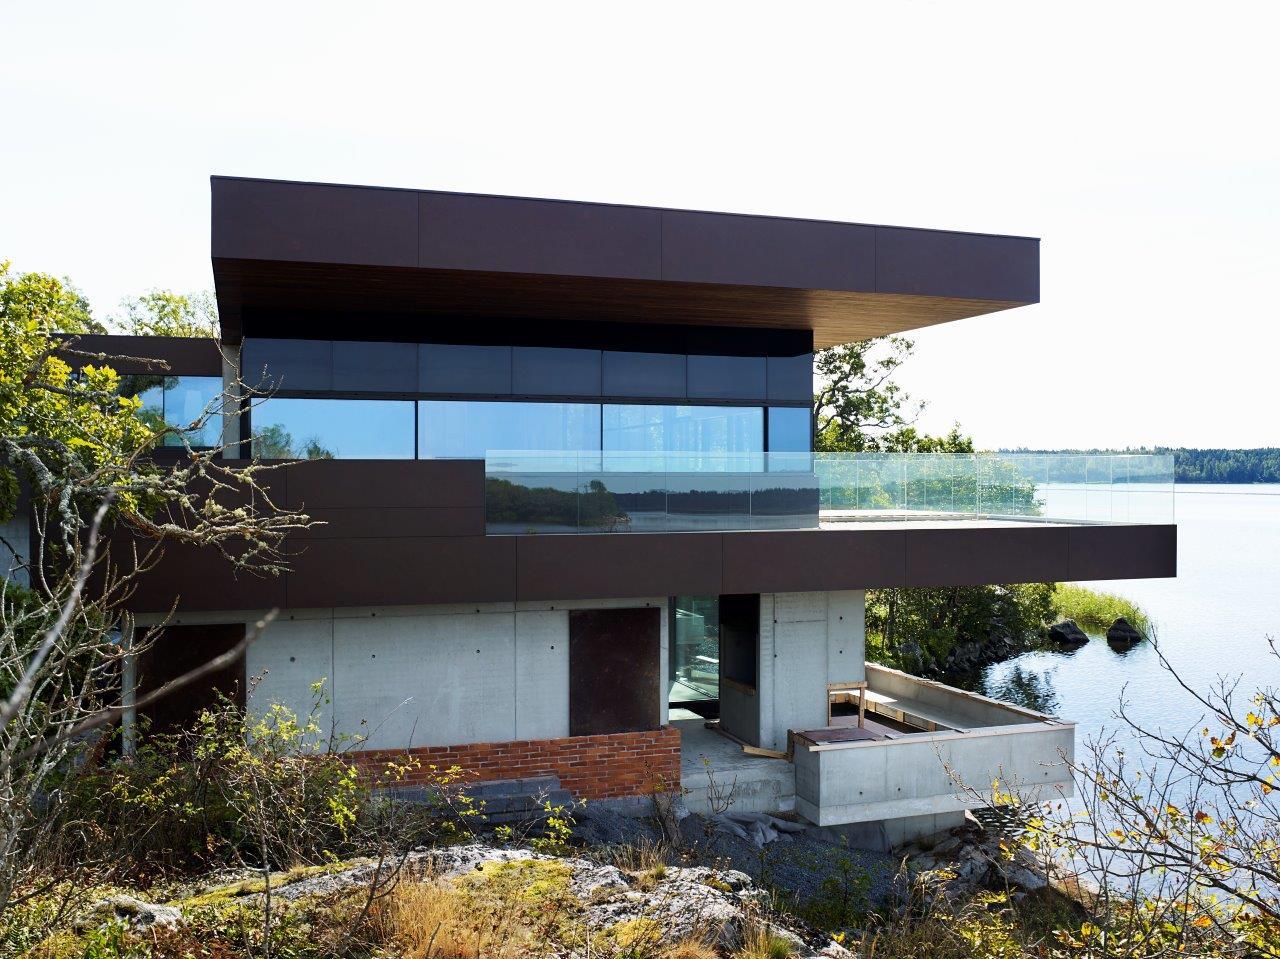 Skallan House  - 150909 cosentino028 55